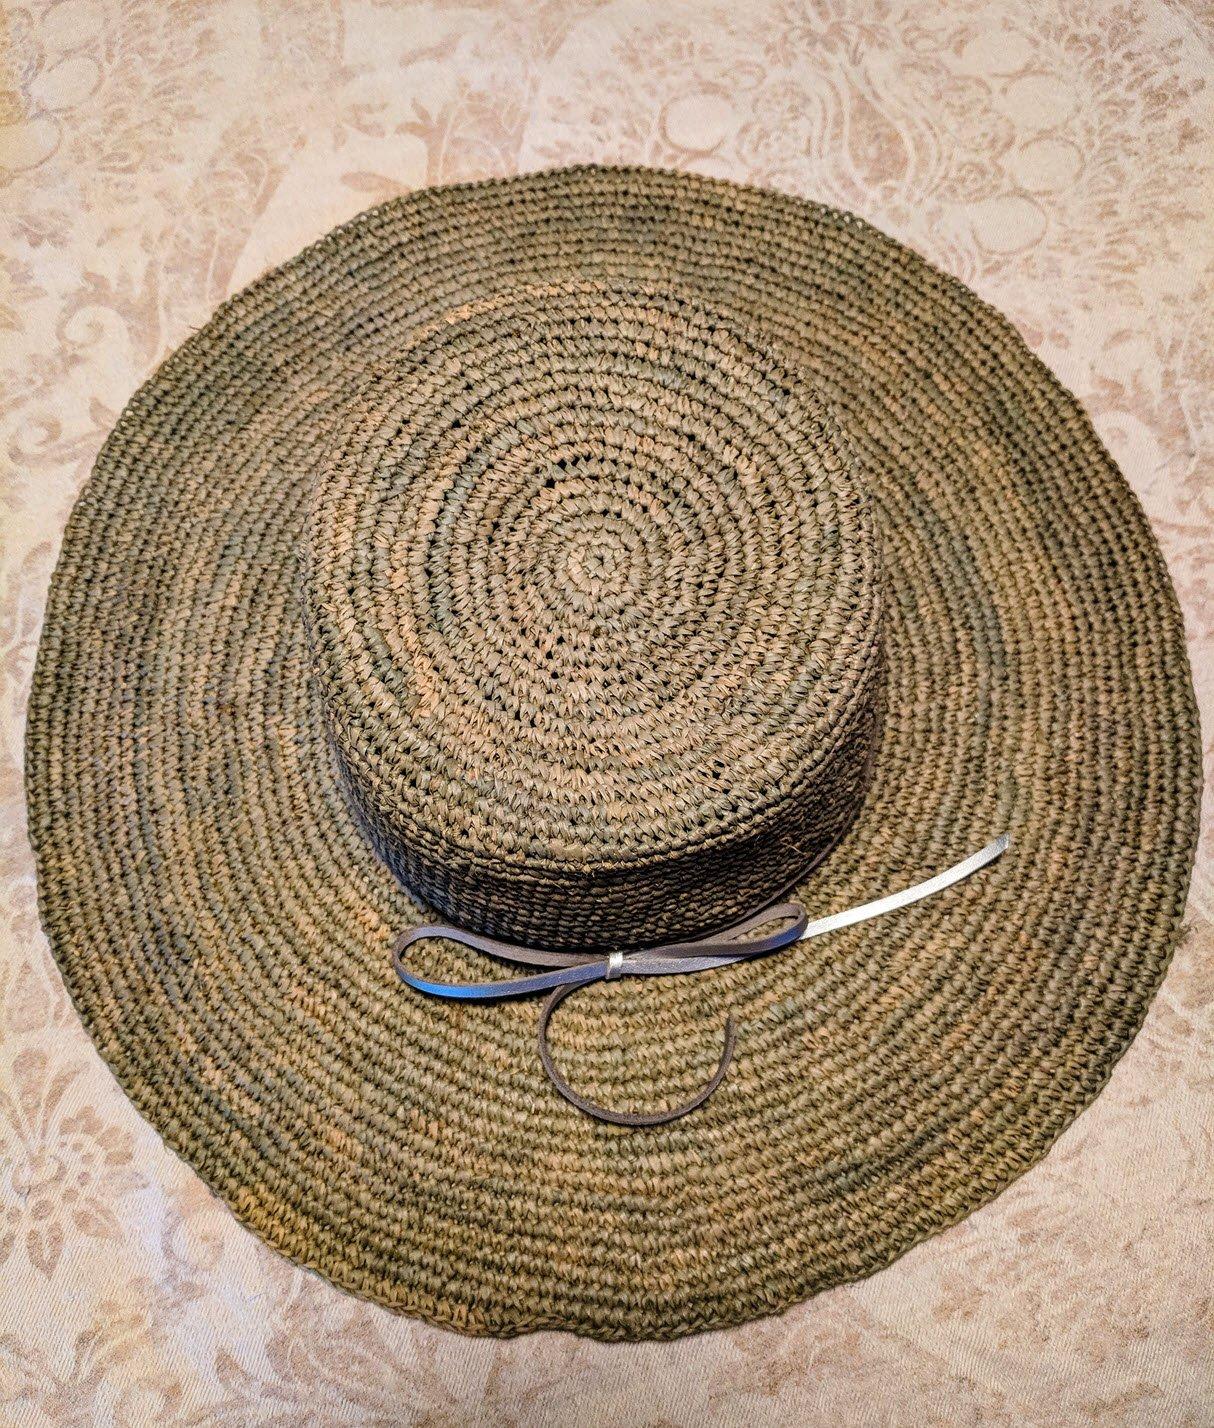 wearing hats